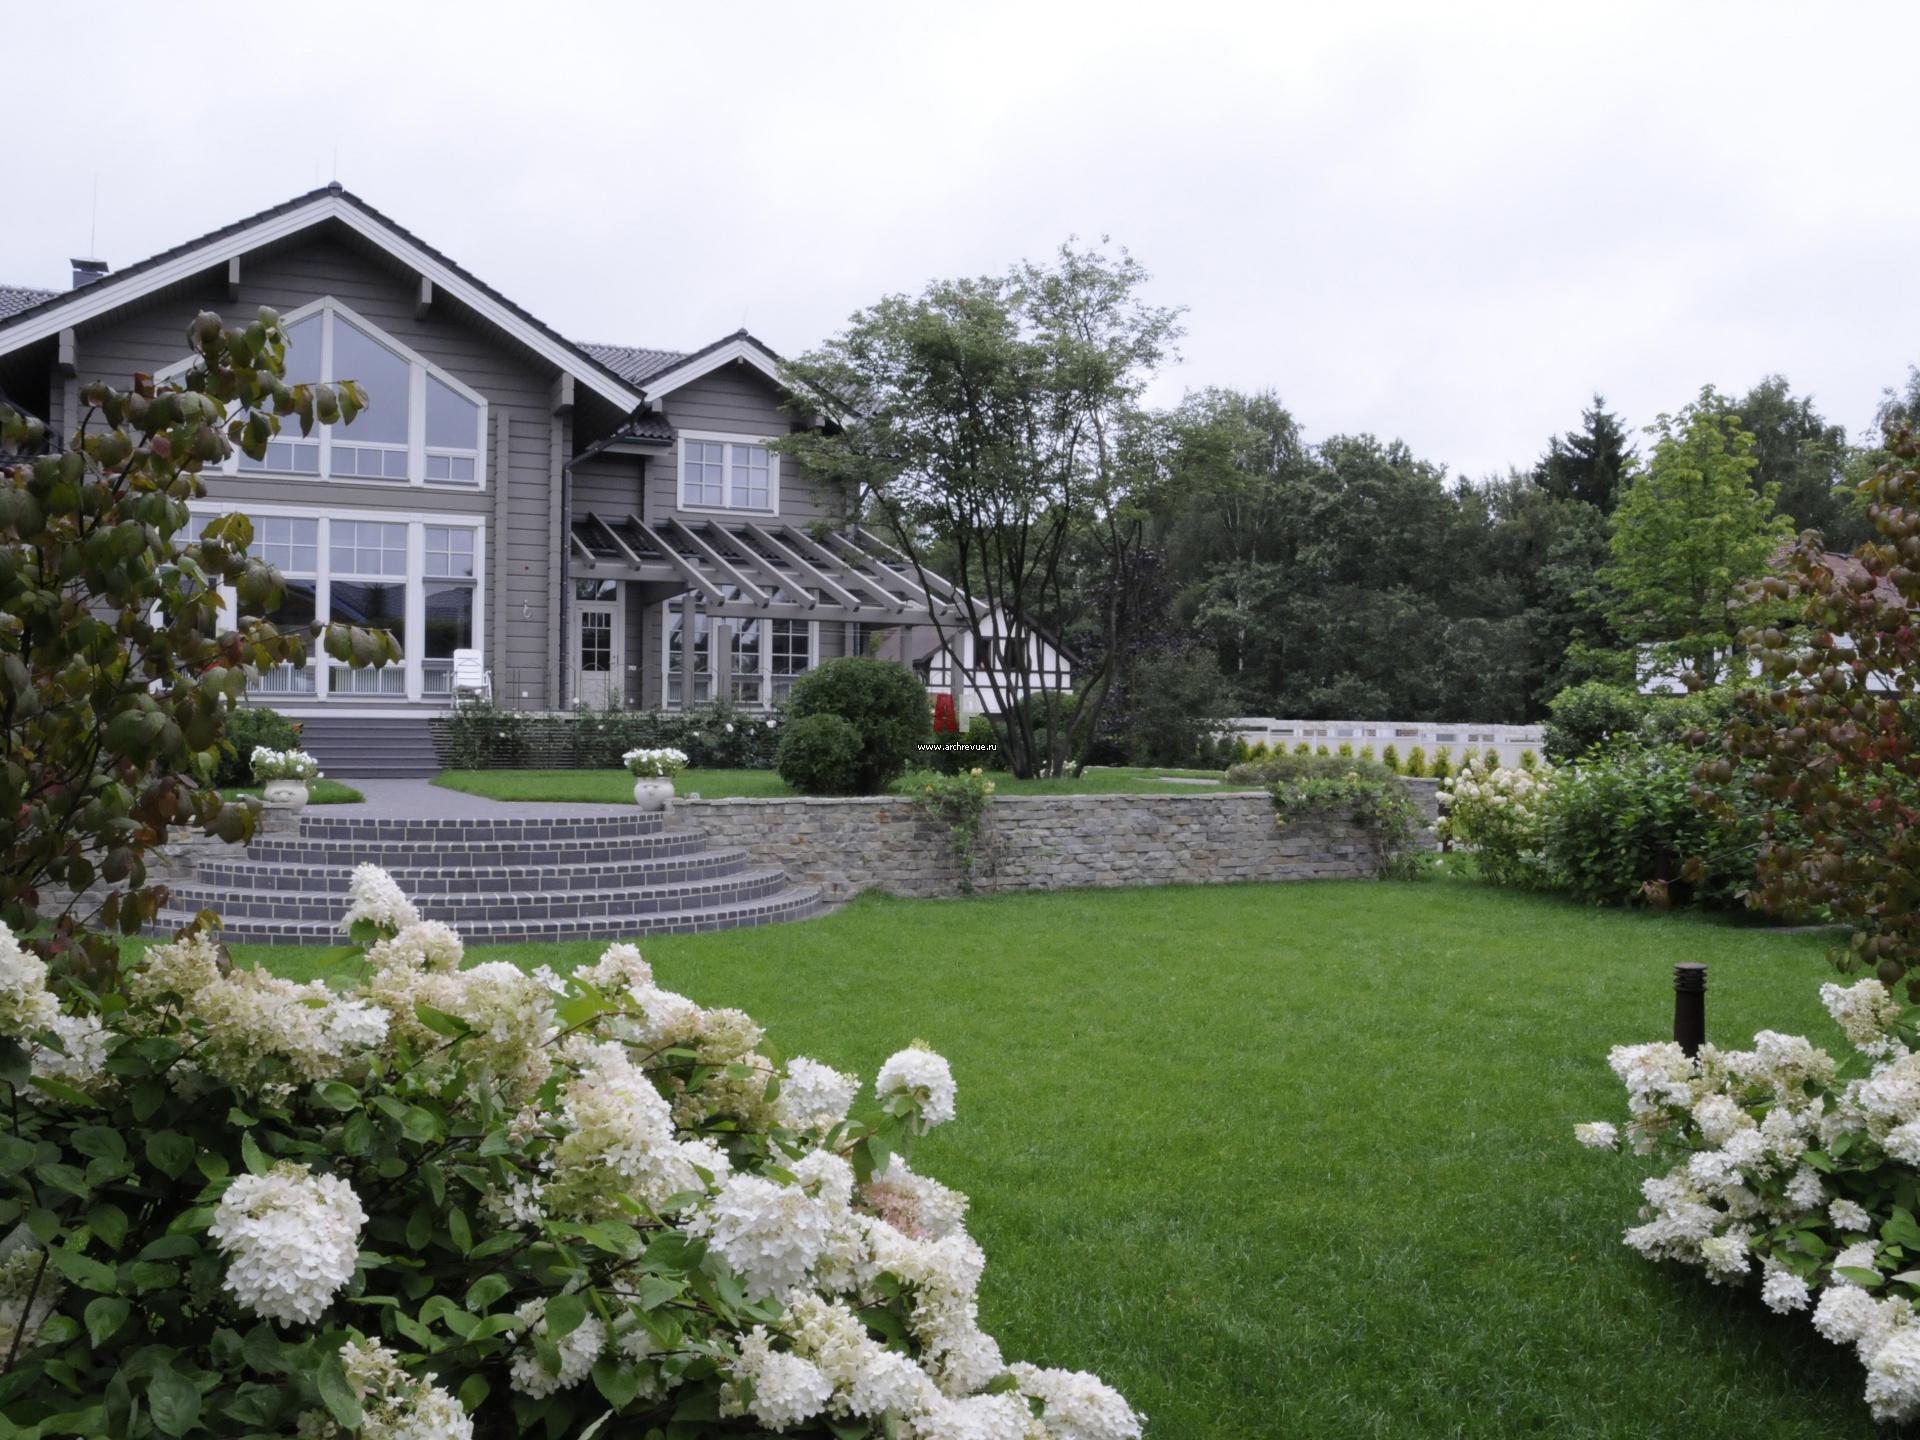 Ландшафтный дизайн участка с деревянным домом фото